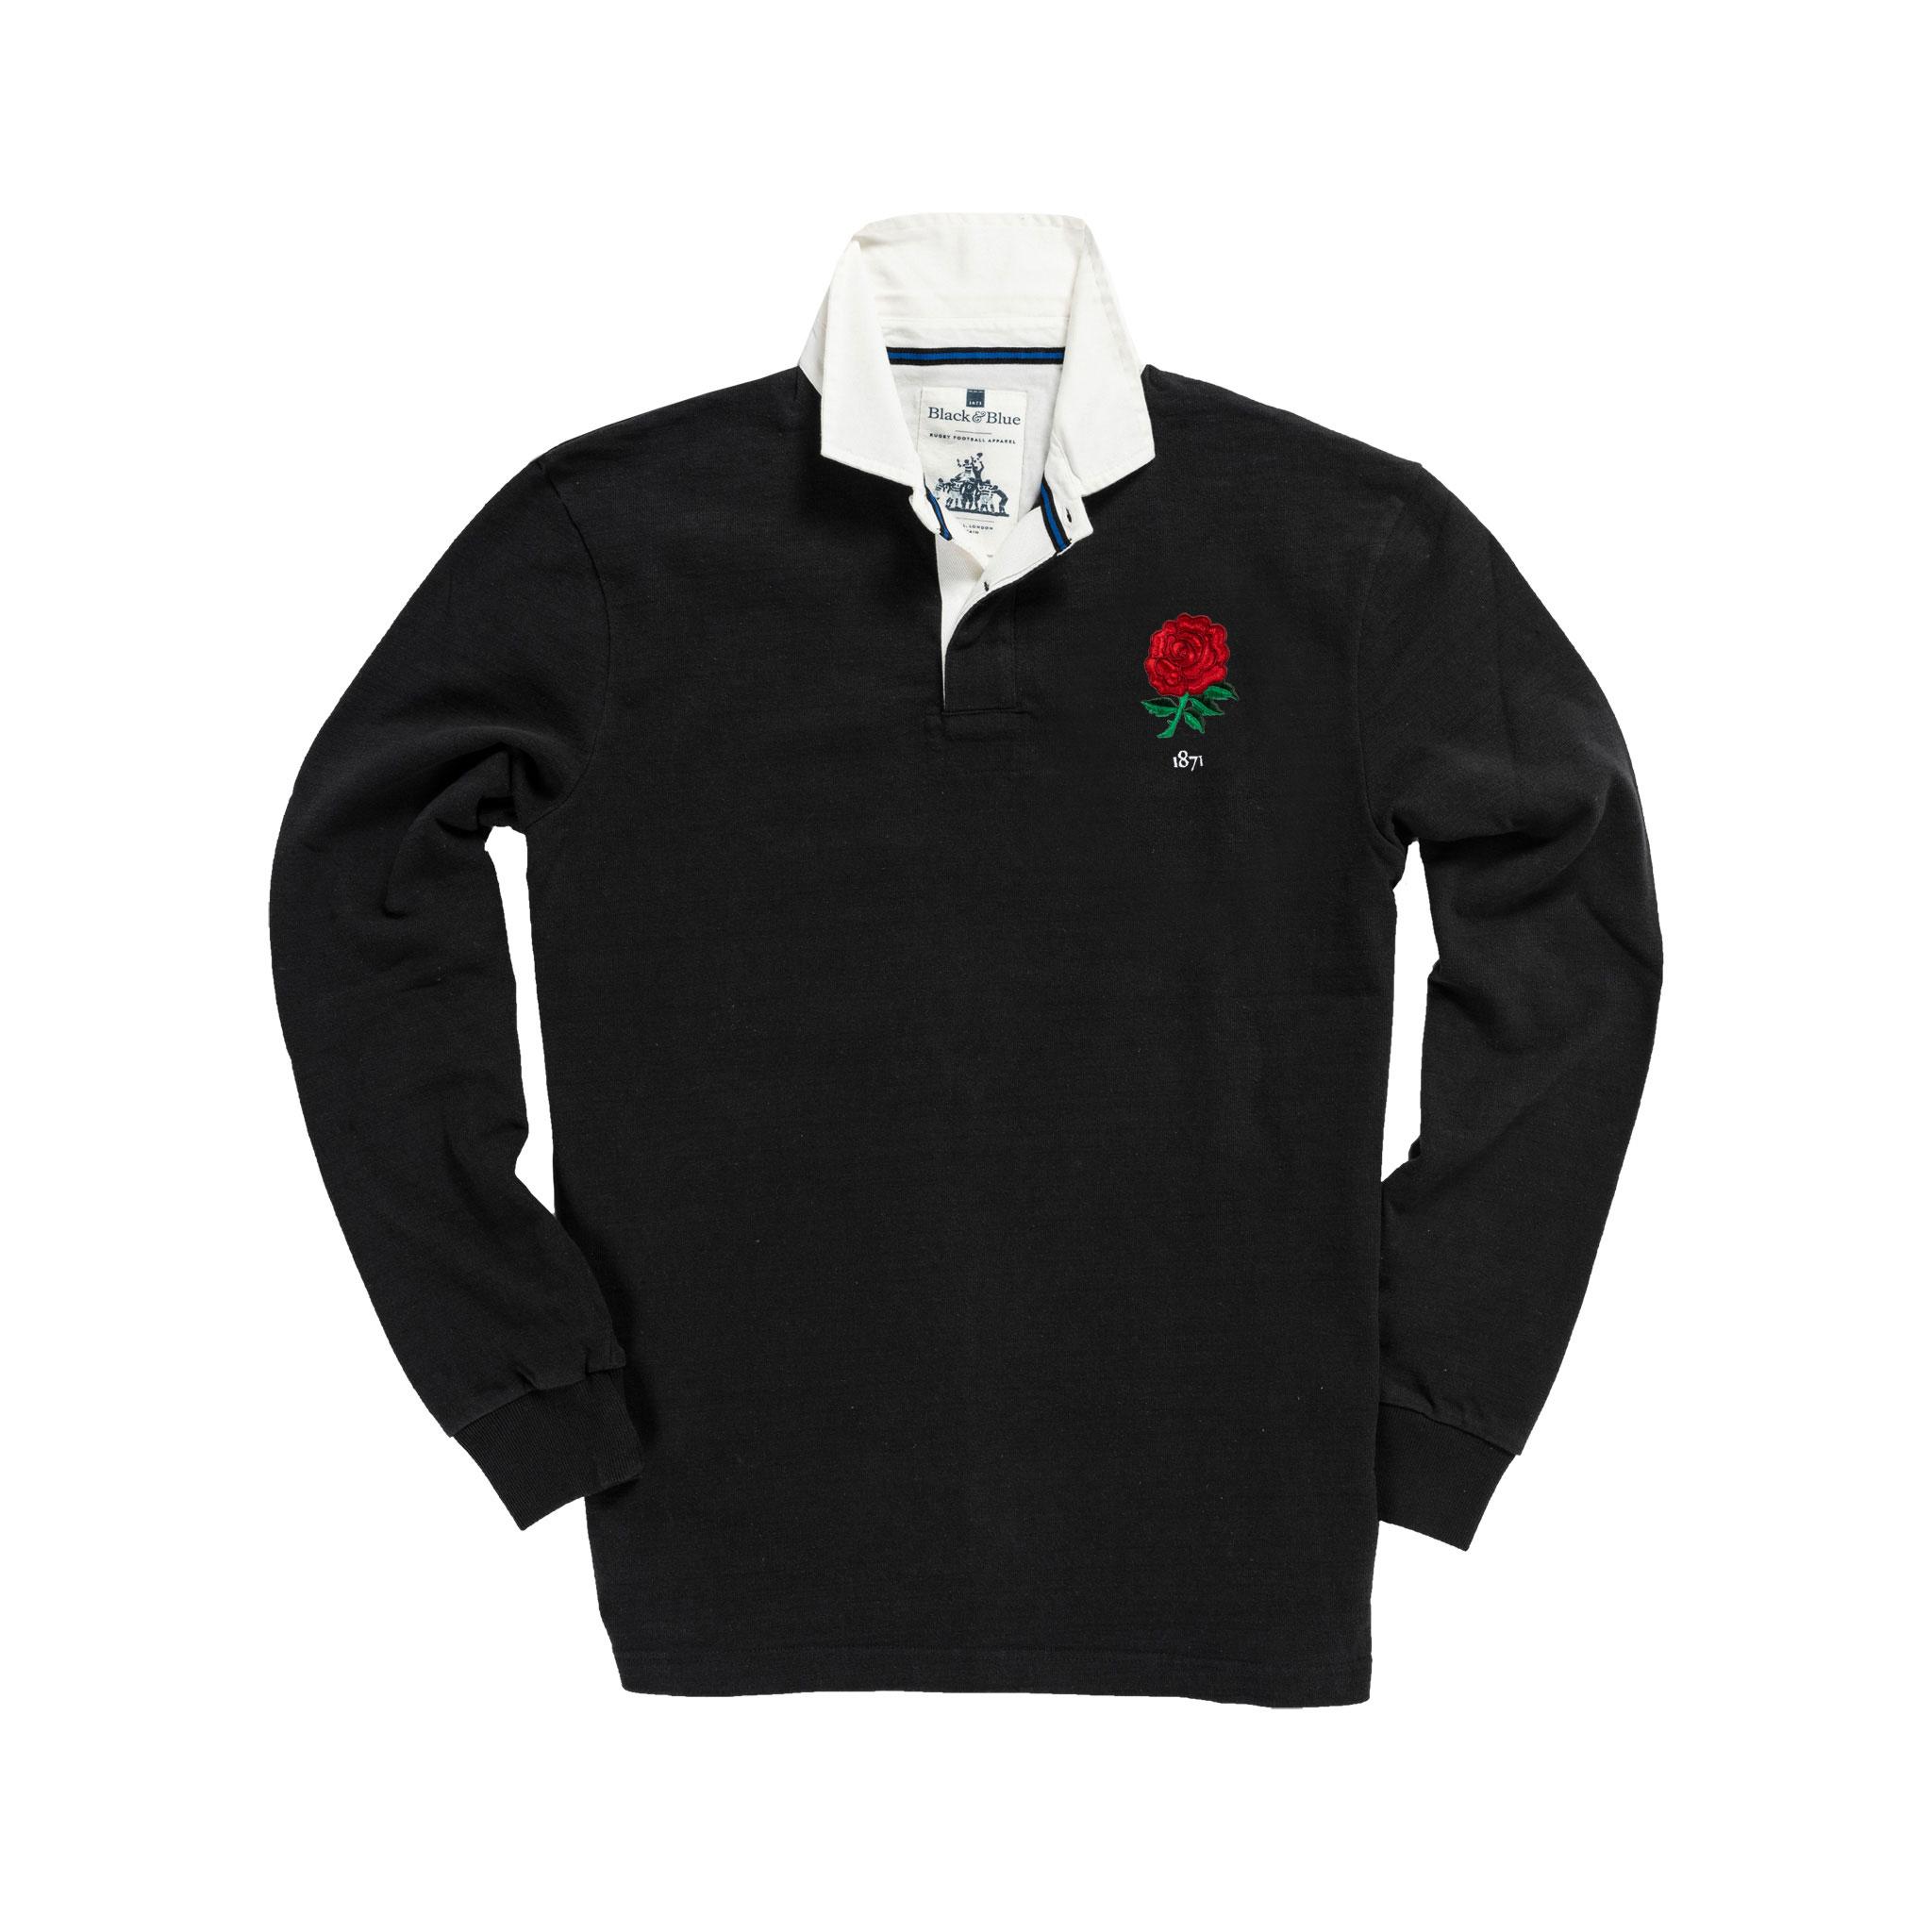 England 1871 Black Vintage Rugby Shirt